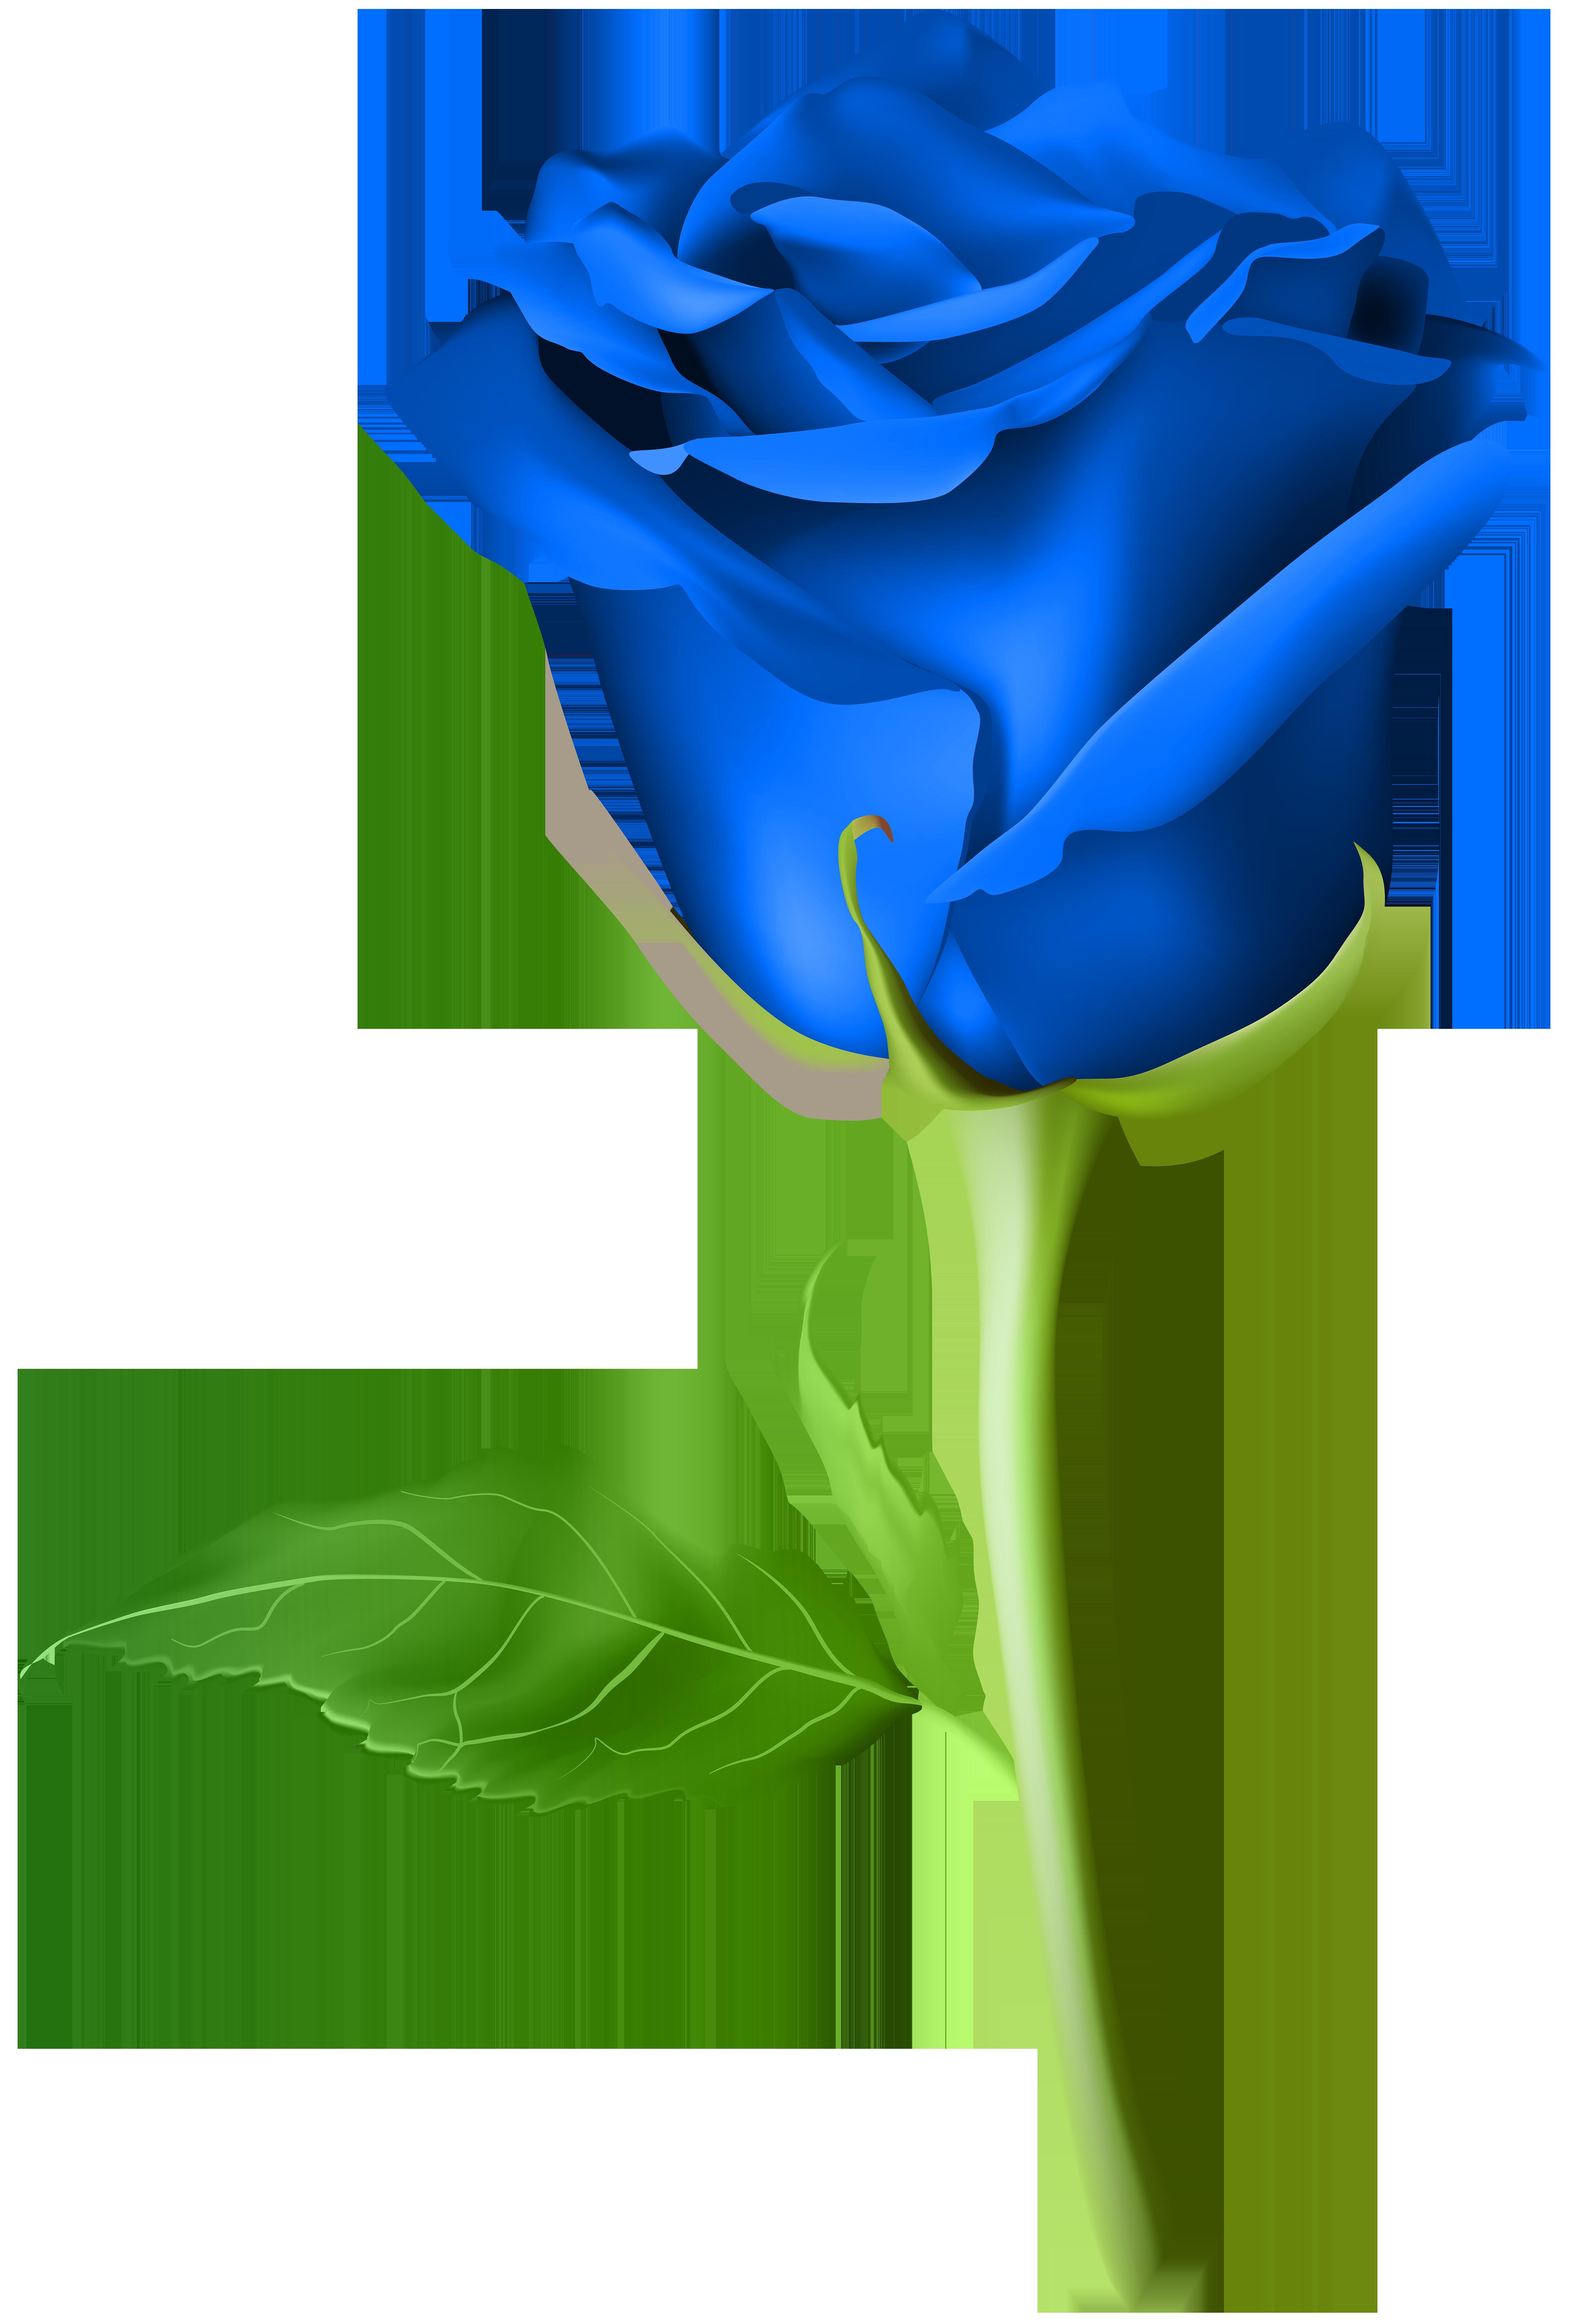 Clipart roses emoji. Rose blue transparent png